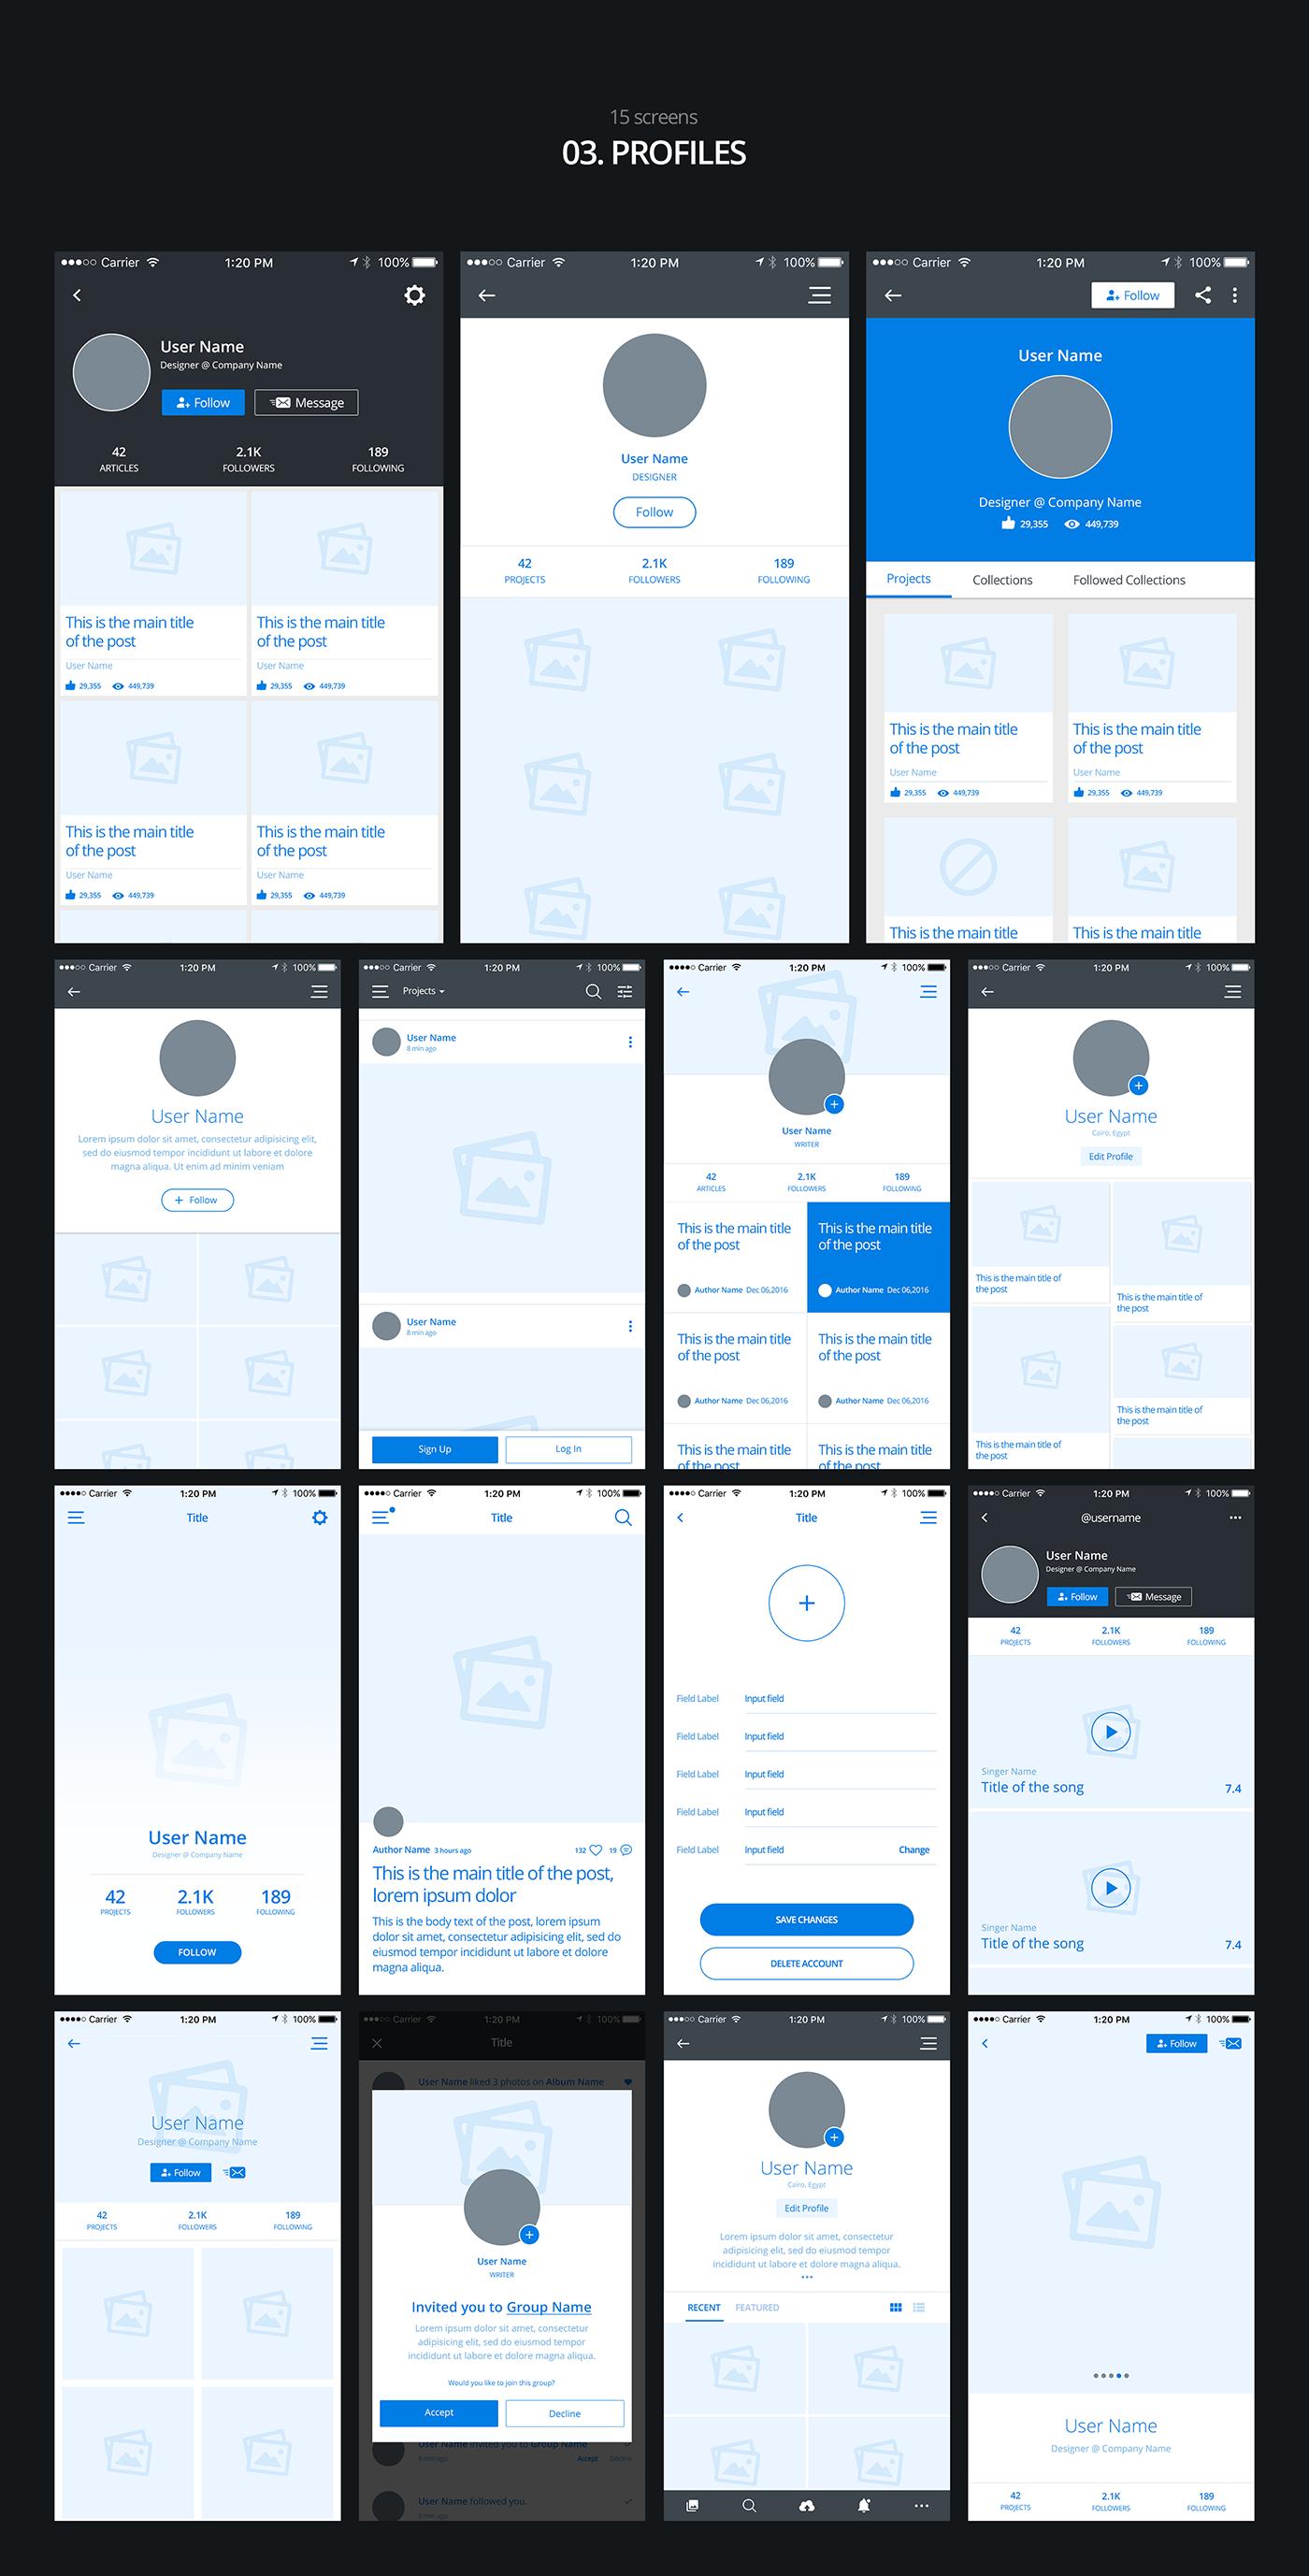 03 profiles